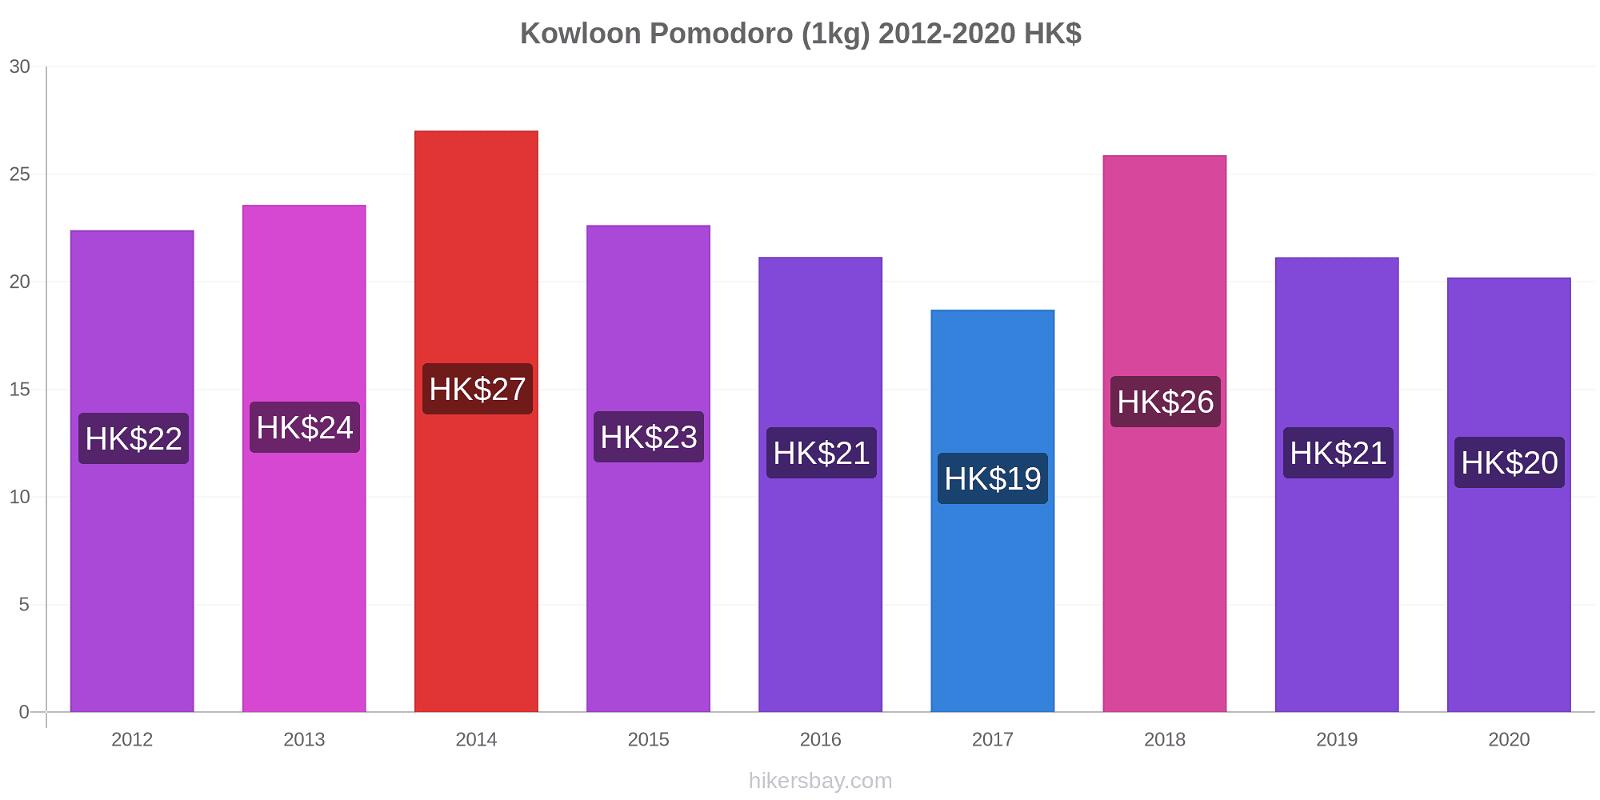 Kowloon variazioni di prezzo Pomodoro (1kg) hikersbay.com